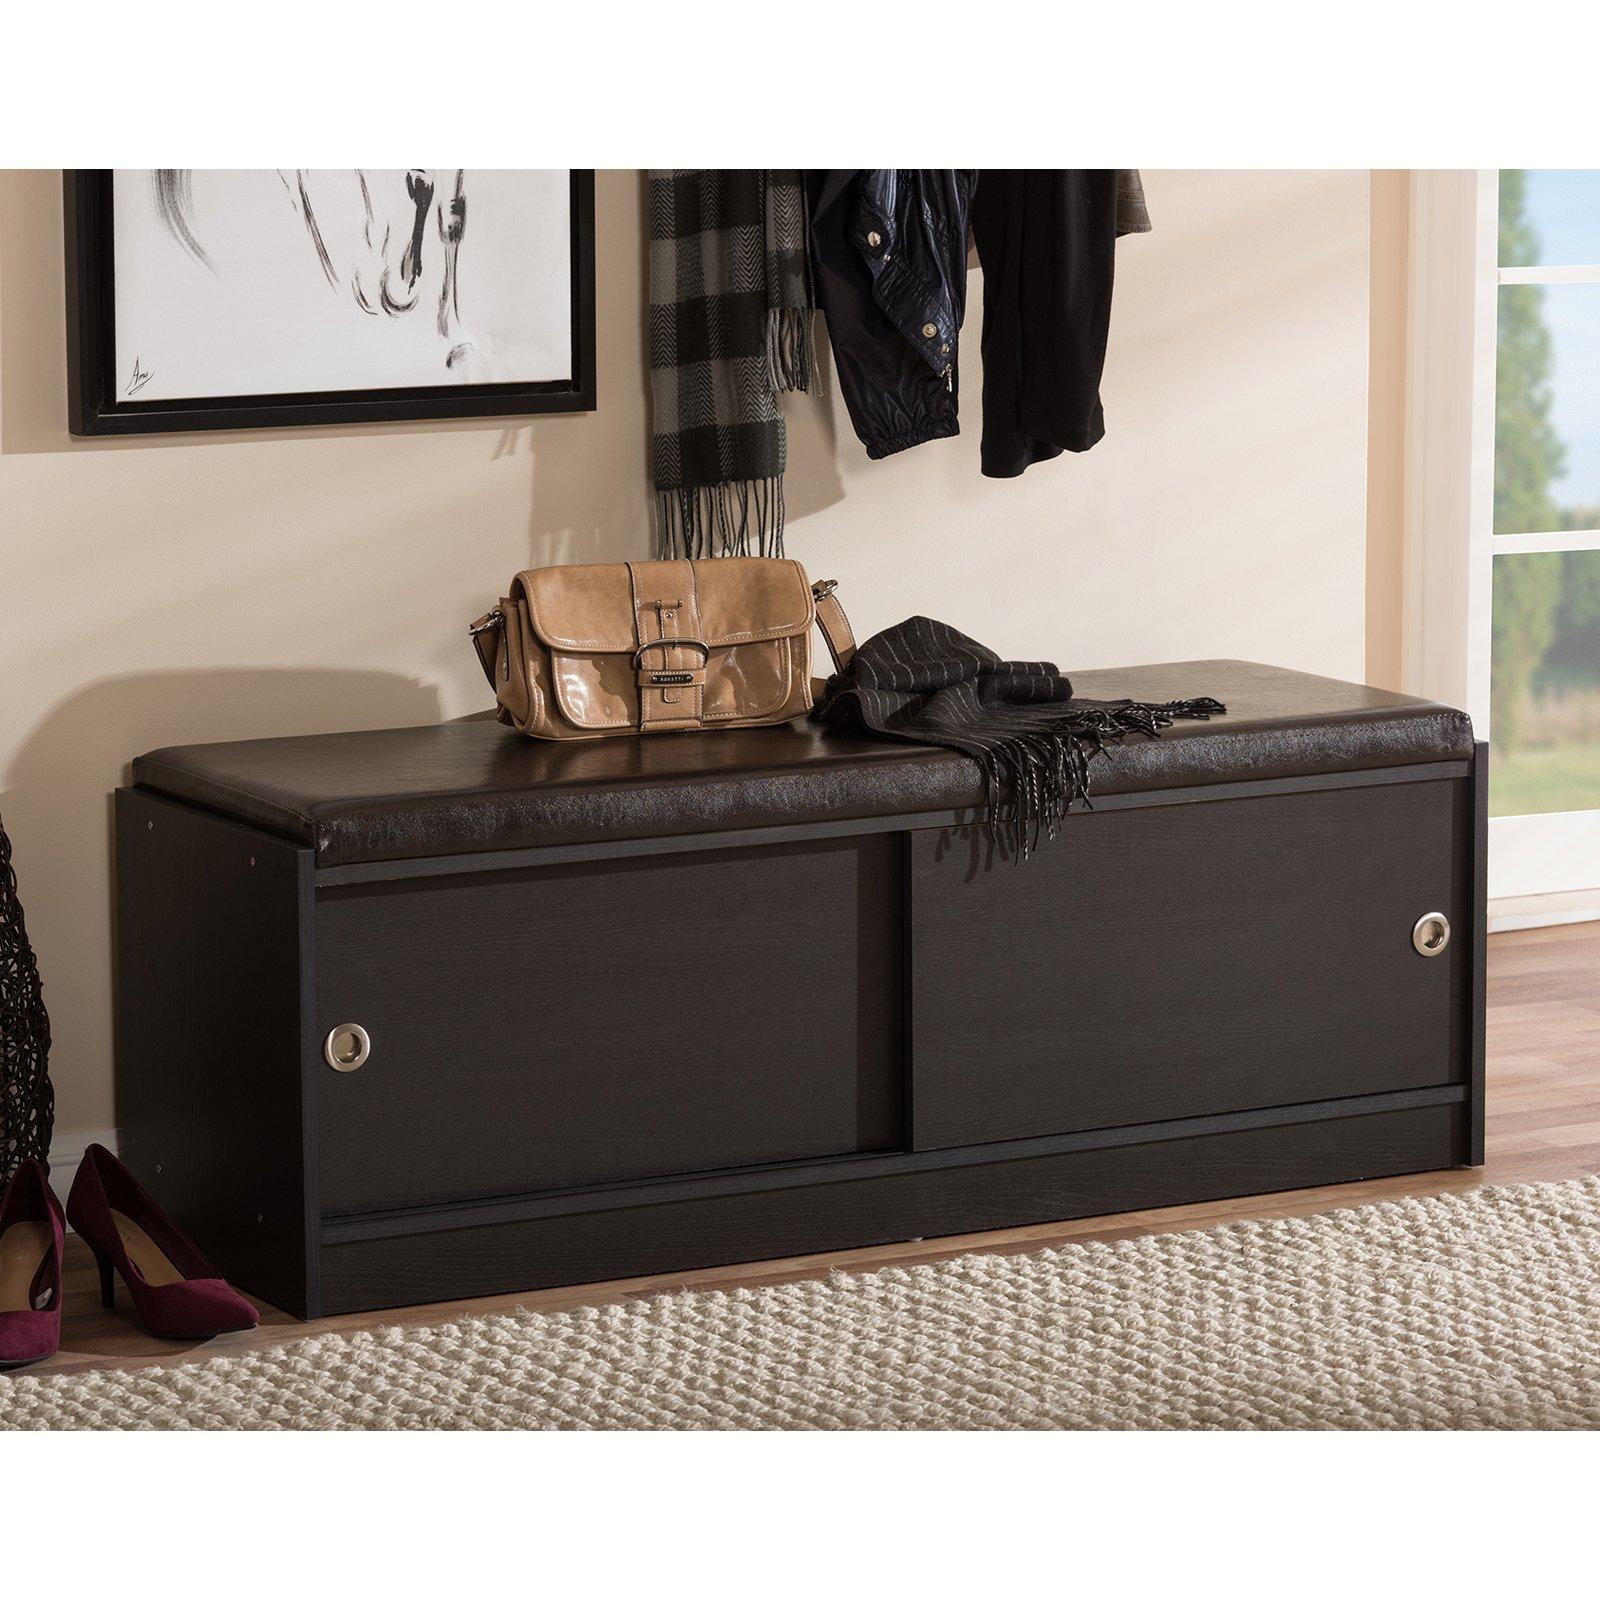 Shoe Storage Bench | Baxton Studio Clevedon Dark Brown Wood Storage Bench Shoe Cabinet